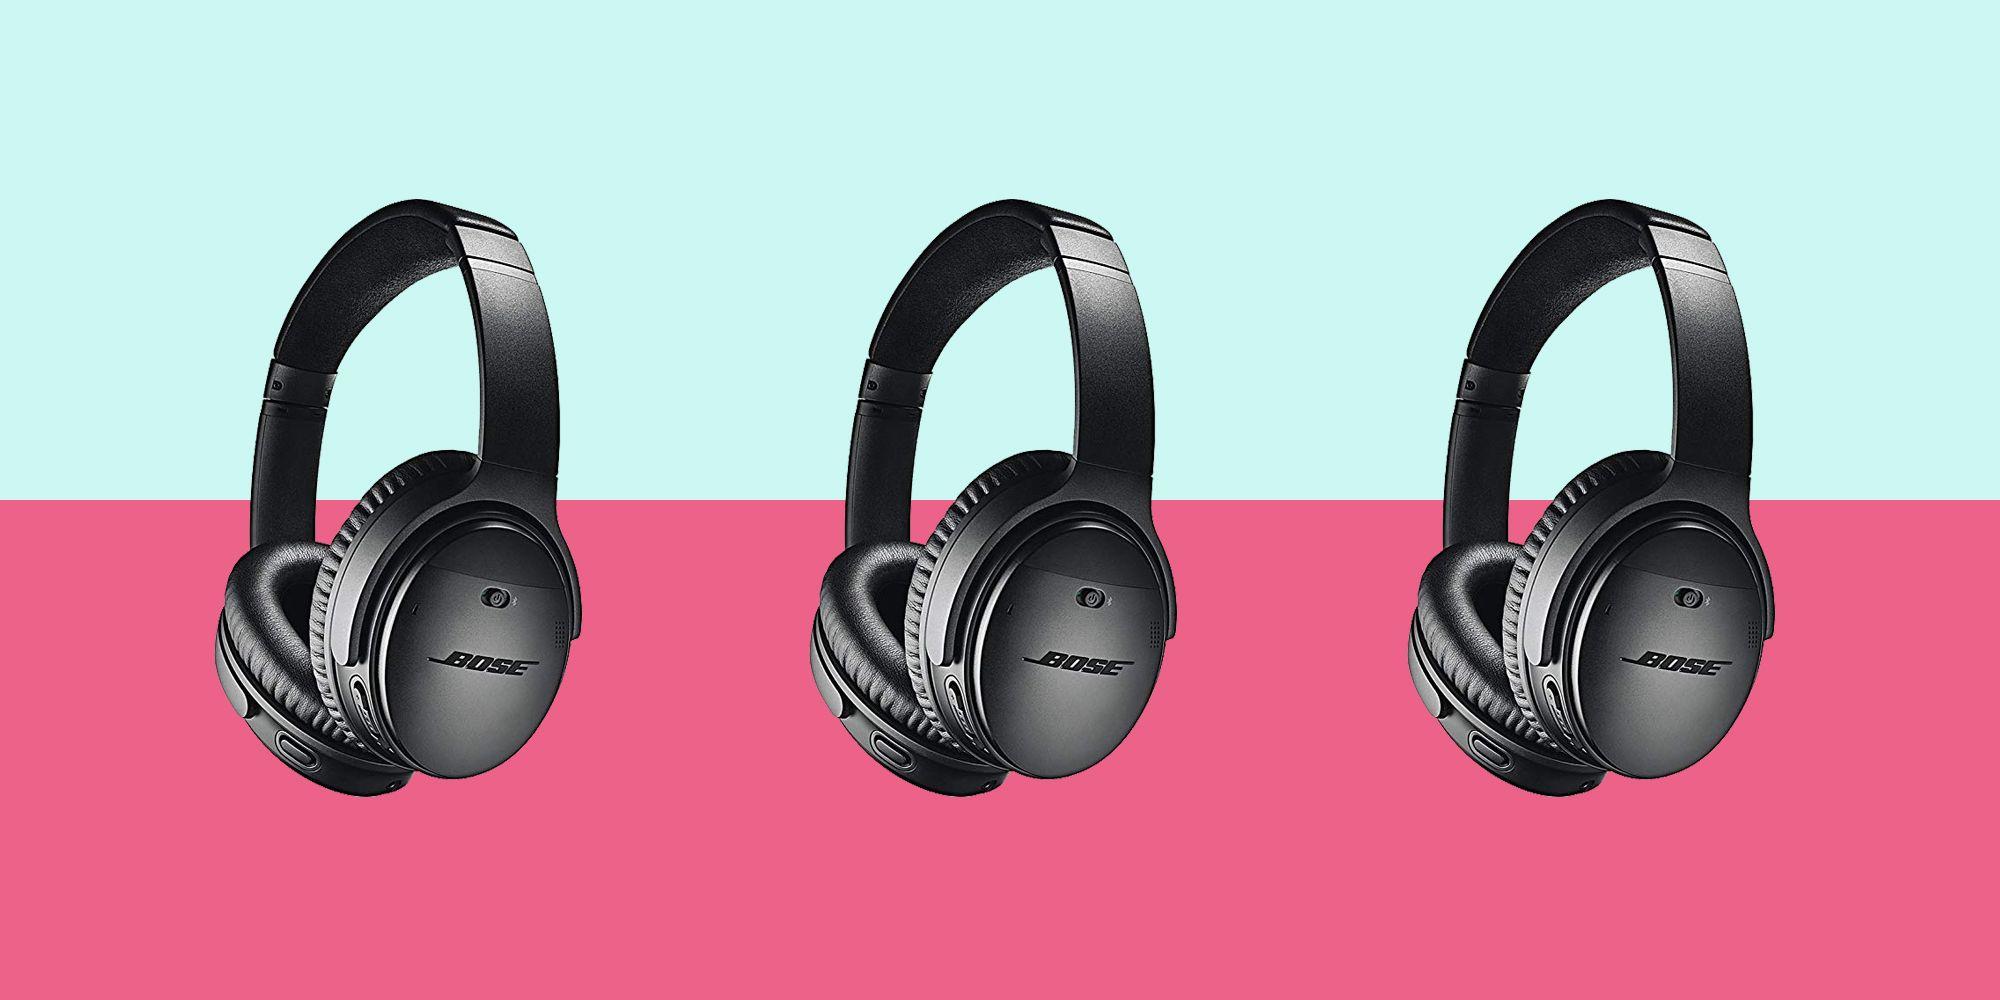 Best headphones - Headphone reviews